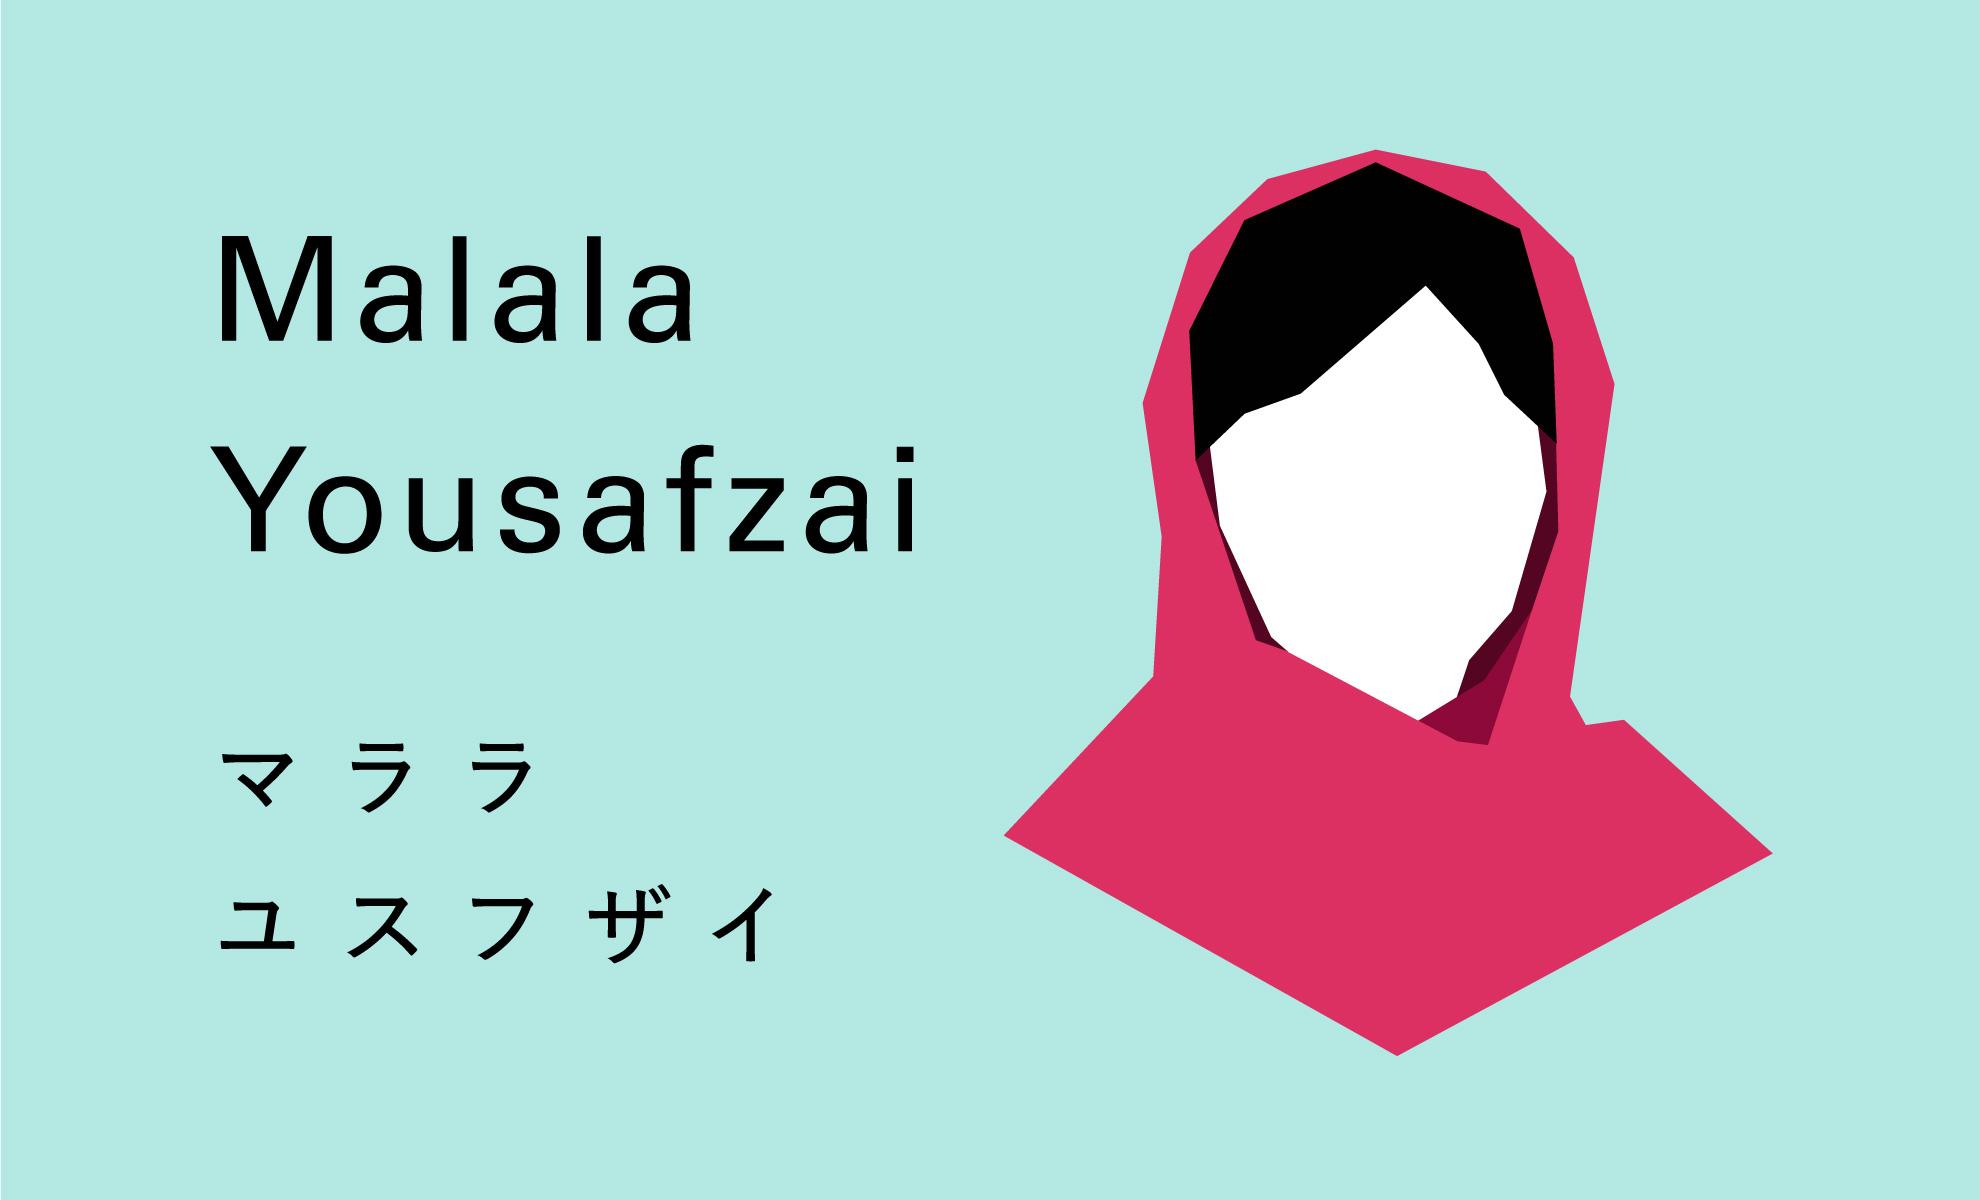 マララ・ユスフザイ 画像